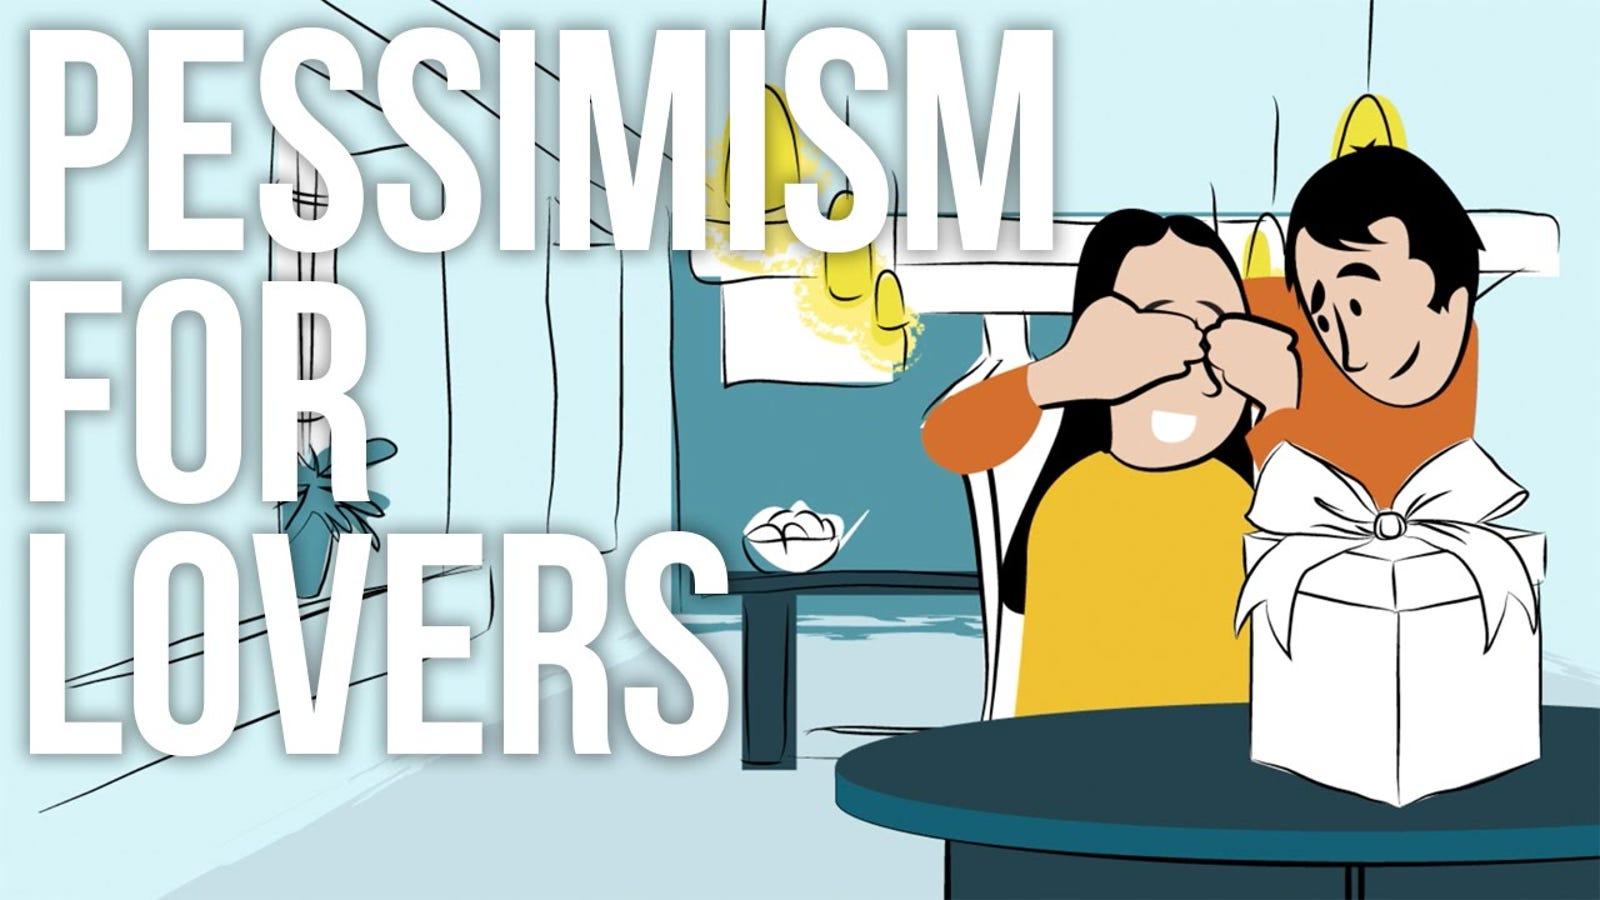 Dating pessimism